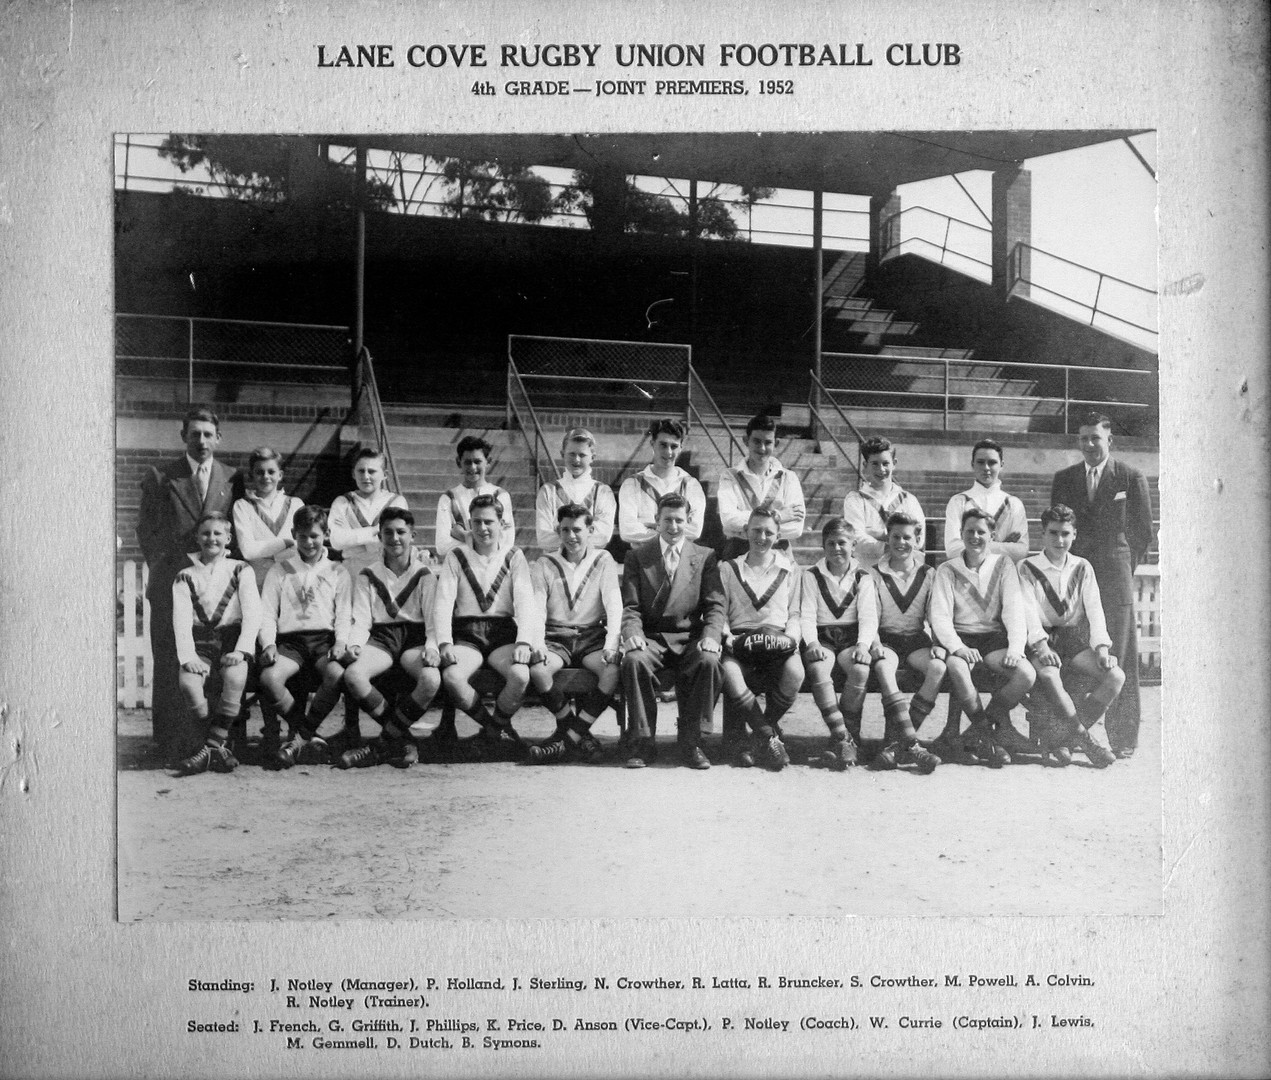 1952 4th Grade Premiers